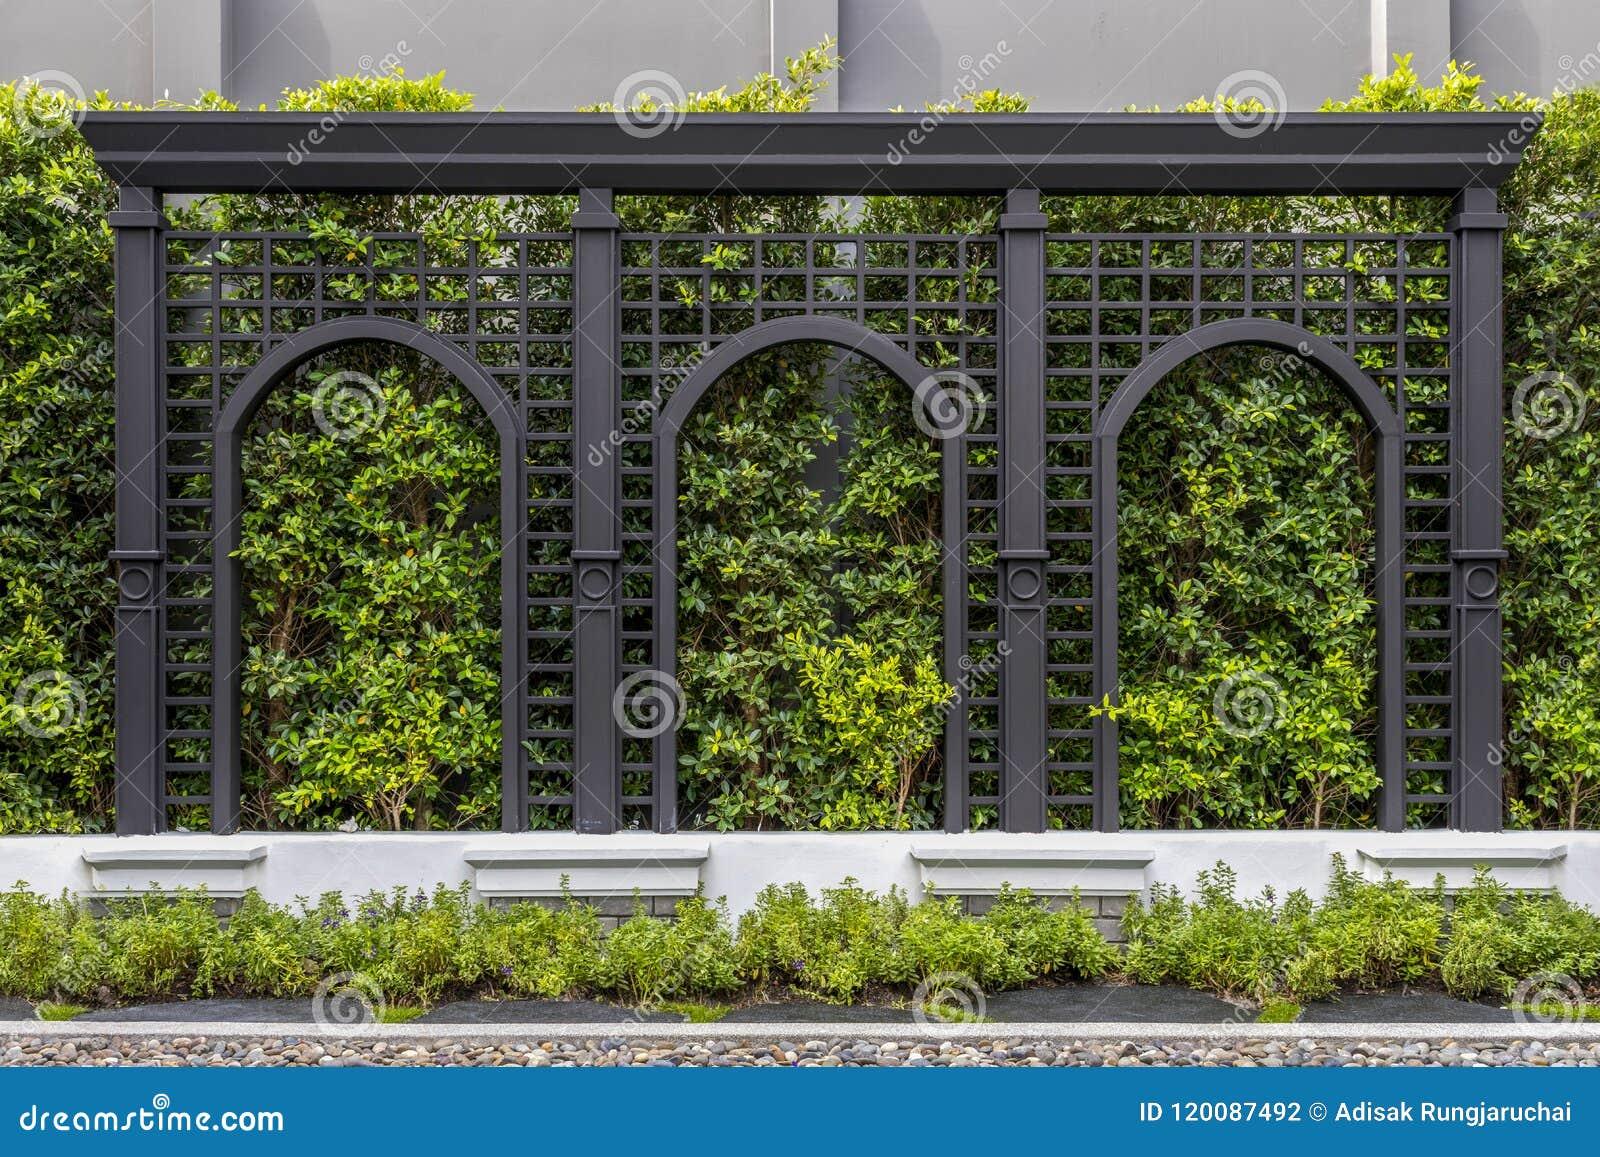 Murs verts de barrières Les arbres verts ornent les murs et les barrières modelées